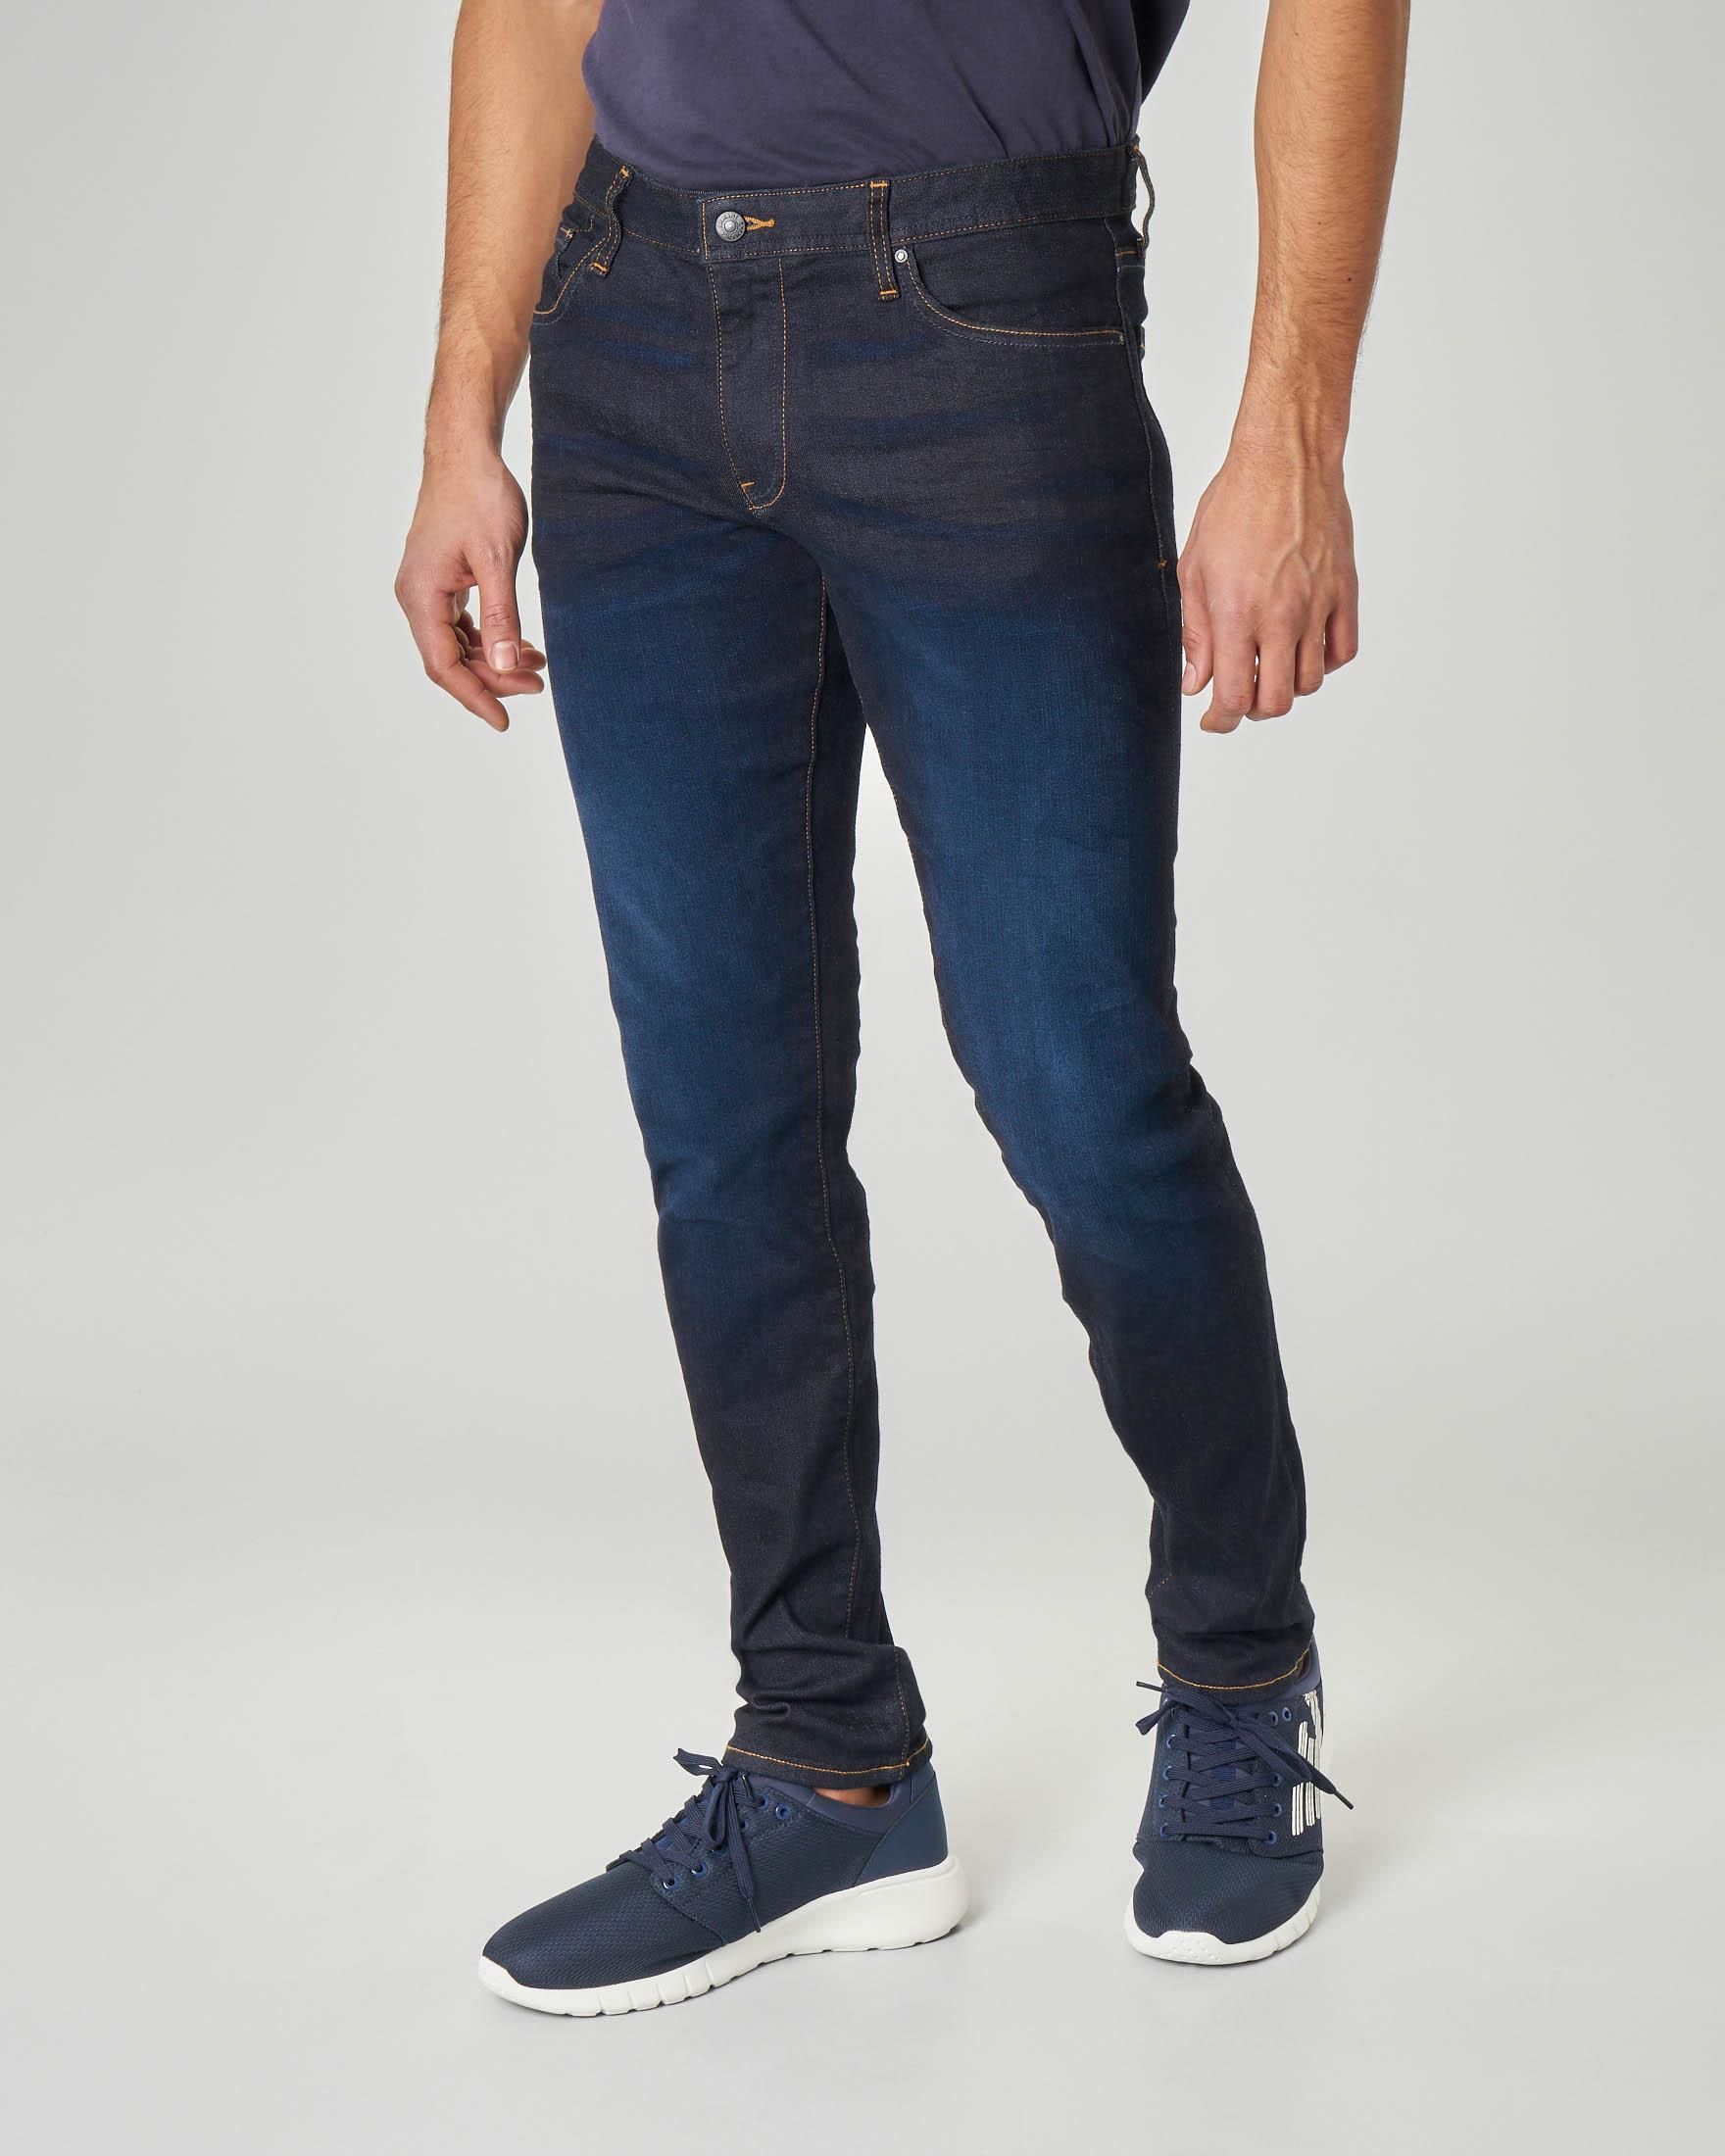 Jeans J14 lavaggio scuro skinny fit